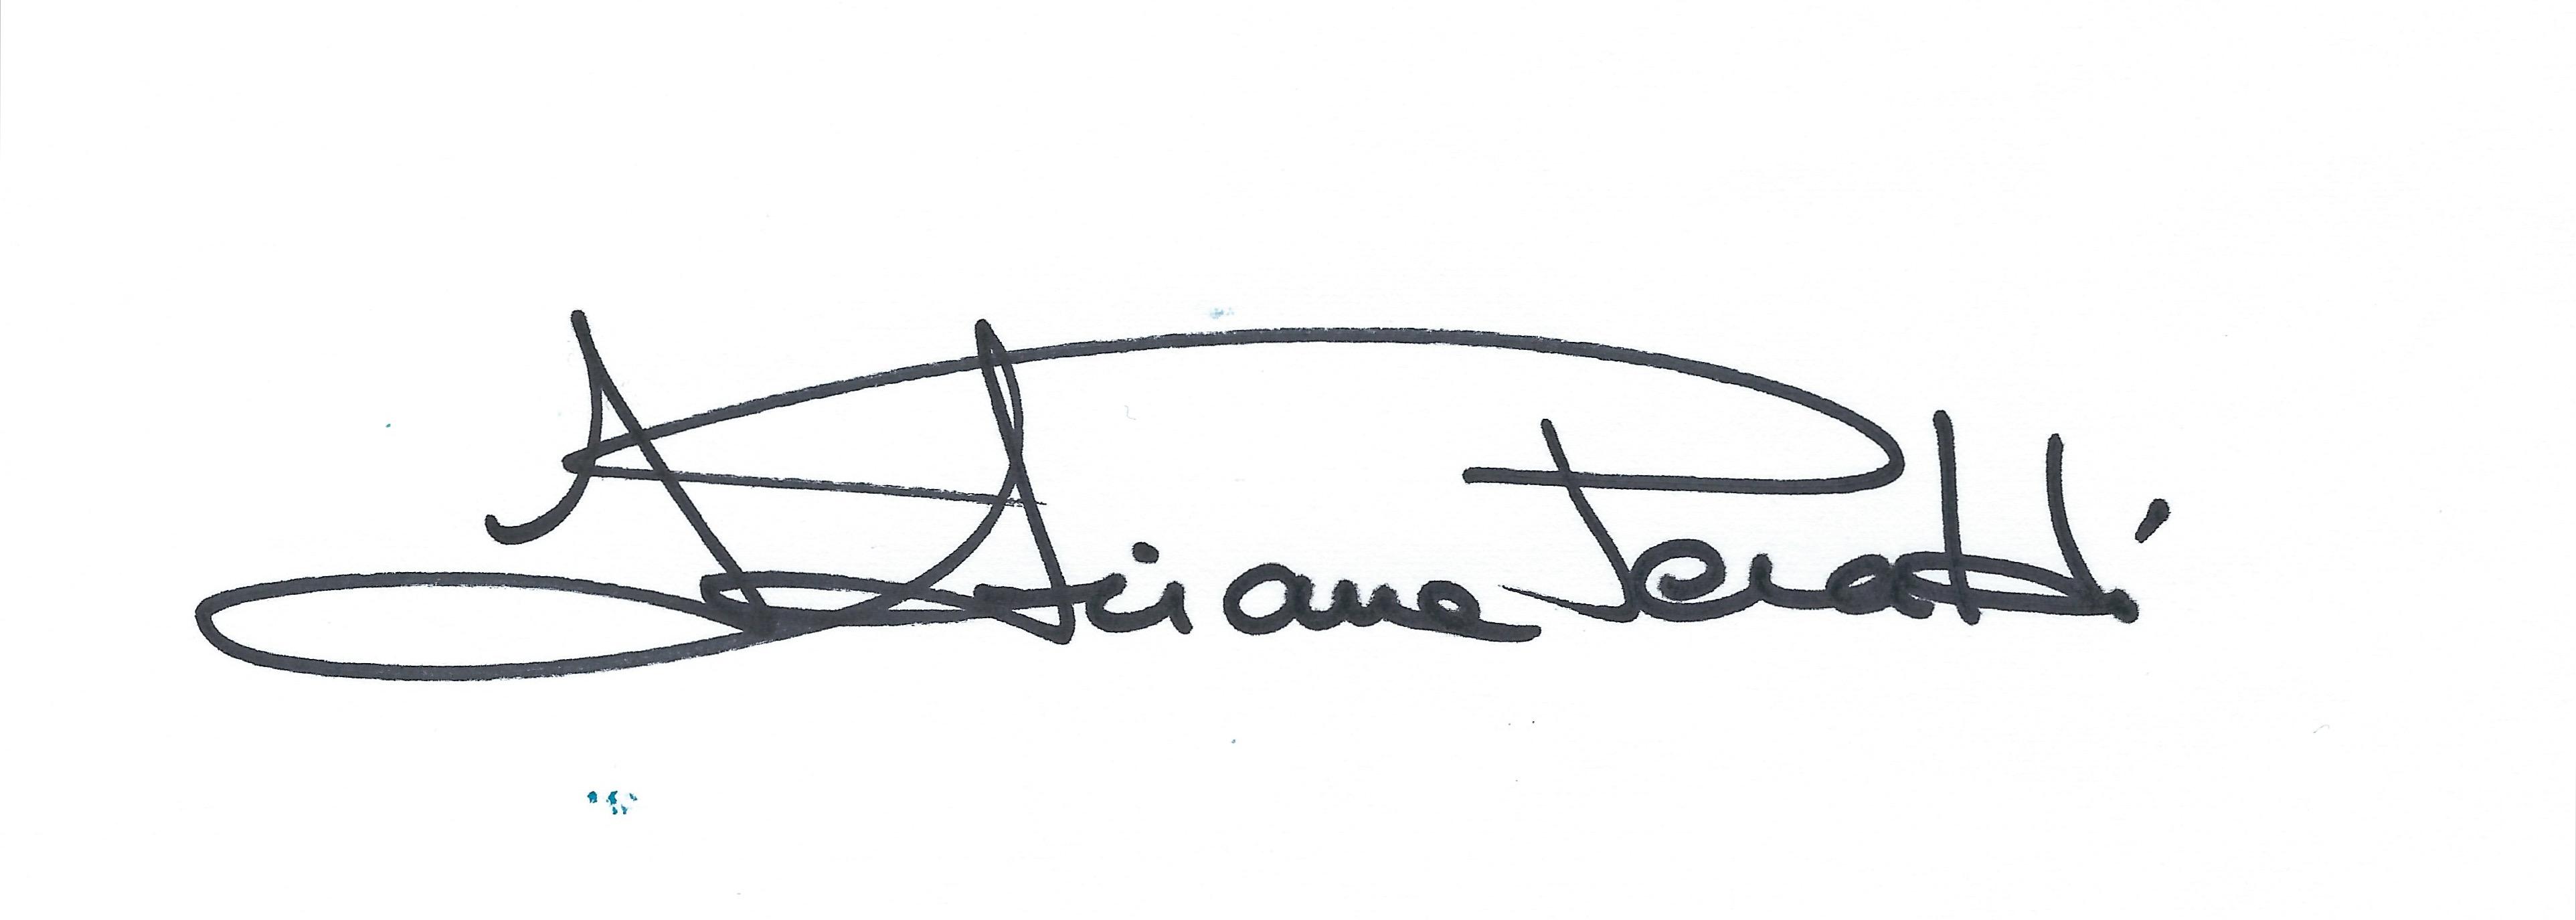 ADRIANA PERALDI's Signature